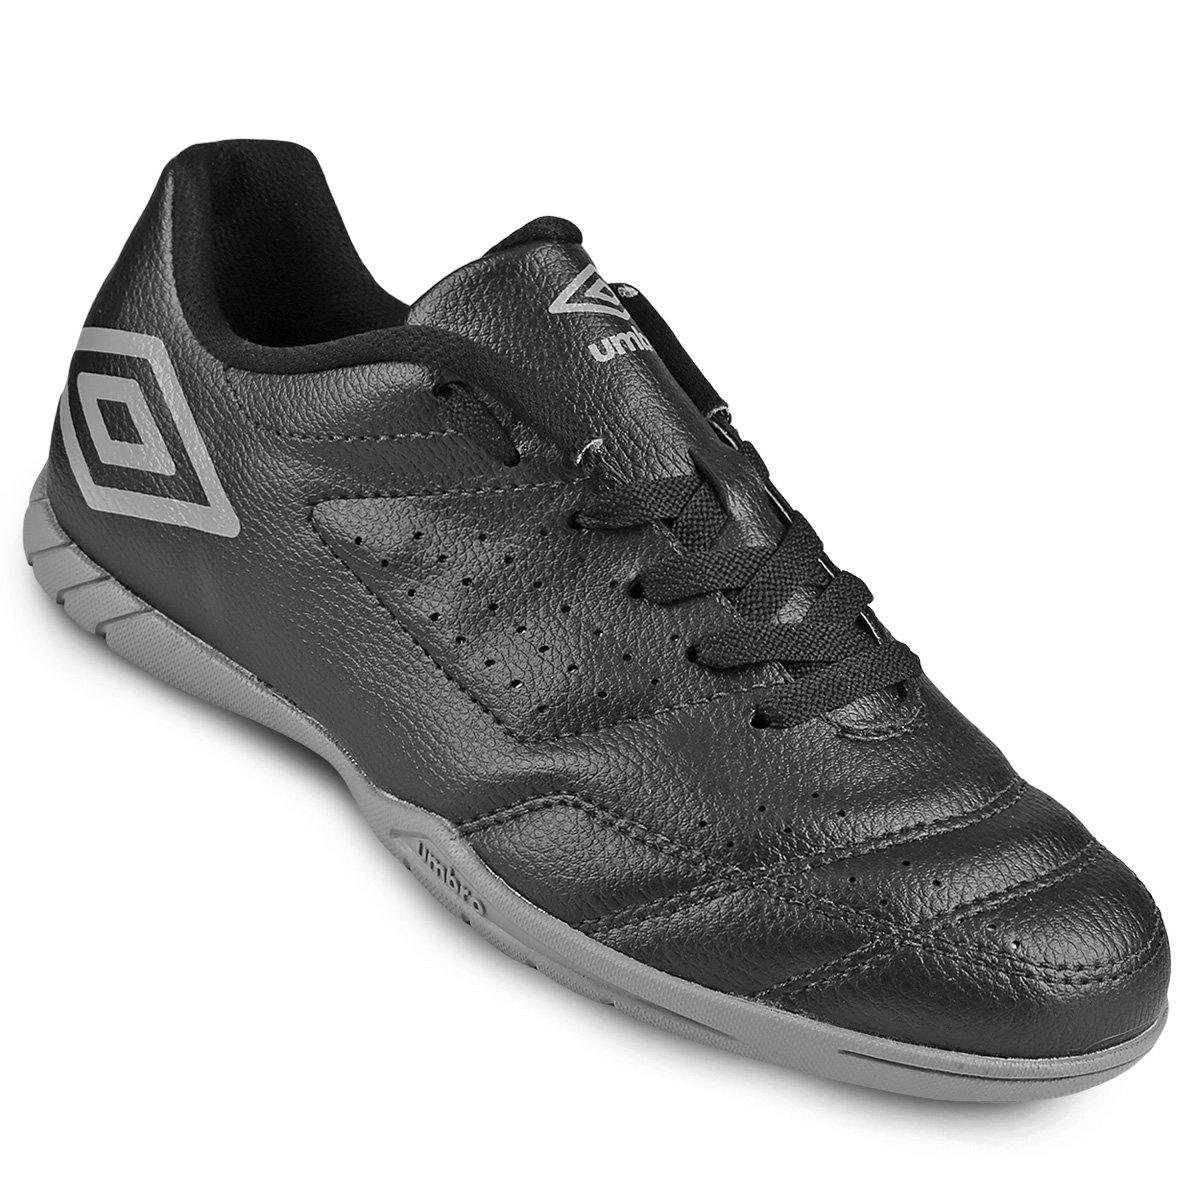 Chuteira Futsal Umbro Sala Masculina - Compre Agora  f14e071dec702